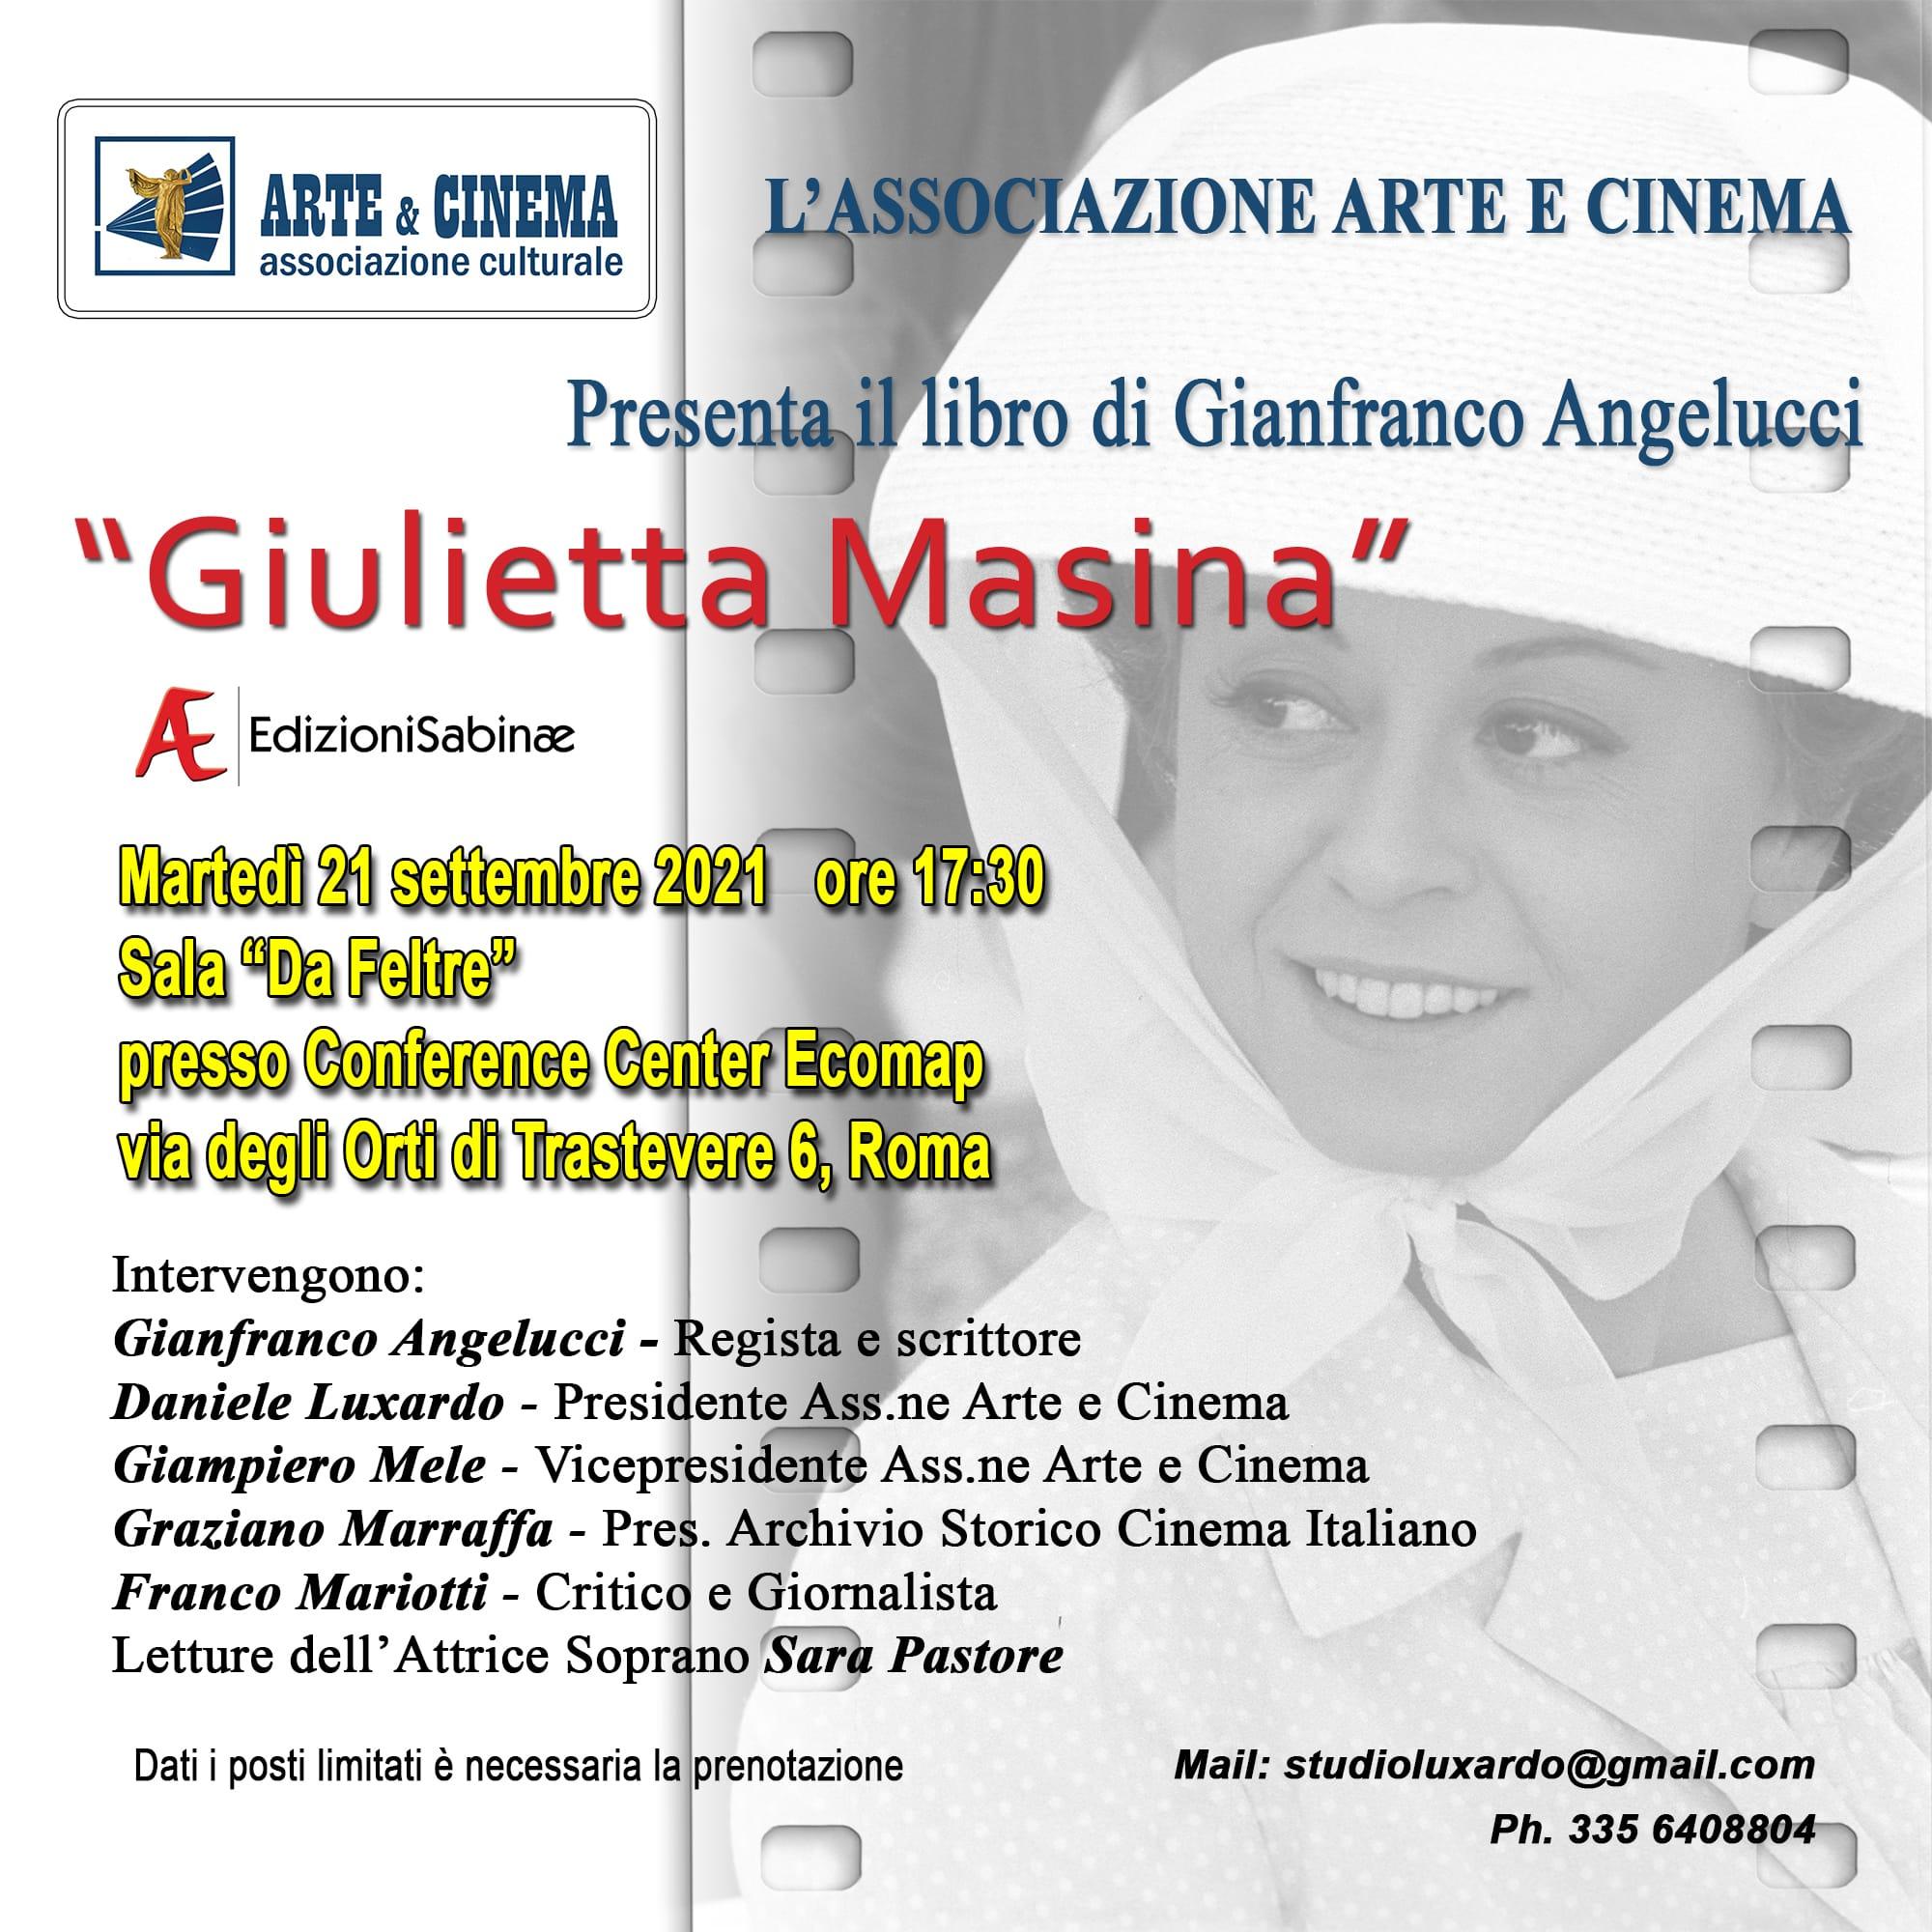 invito-giulietta-masina-21-settembre-2021